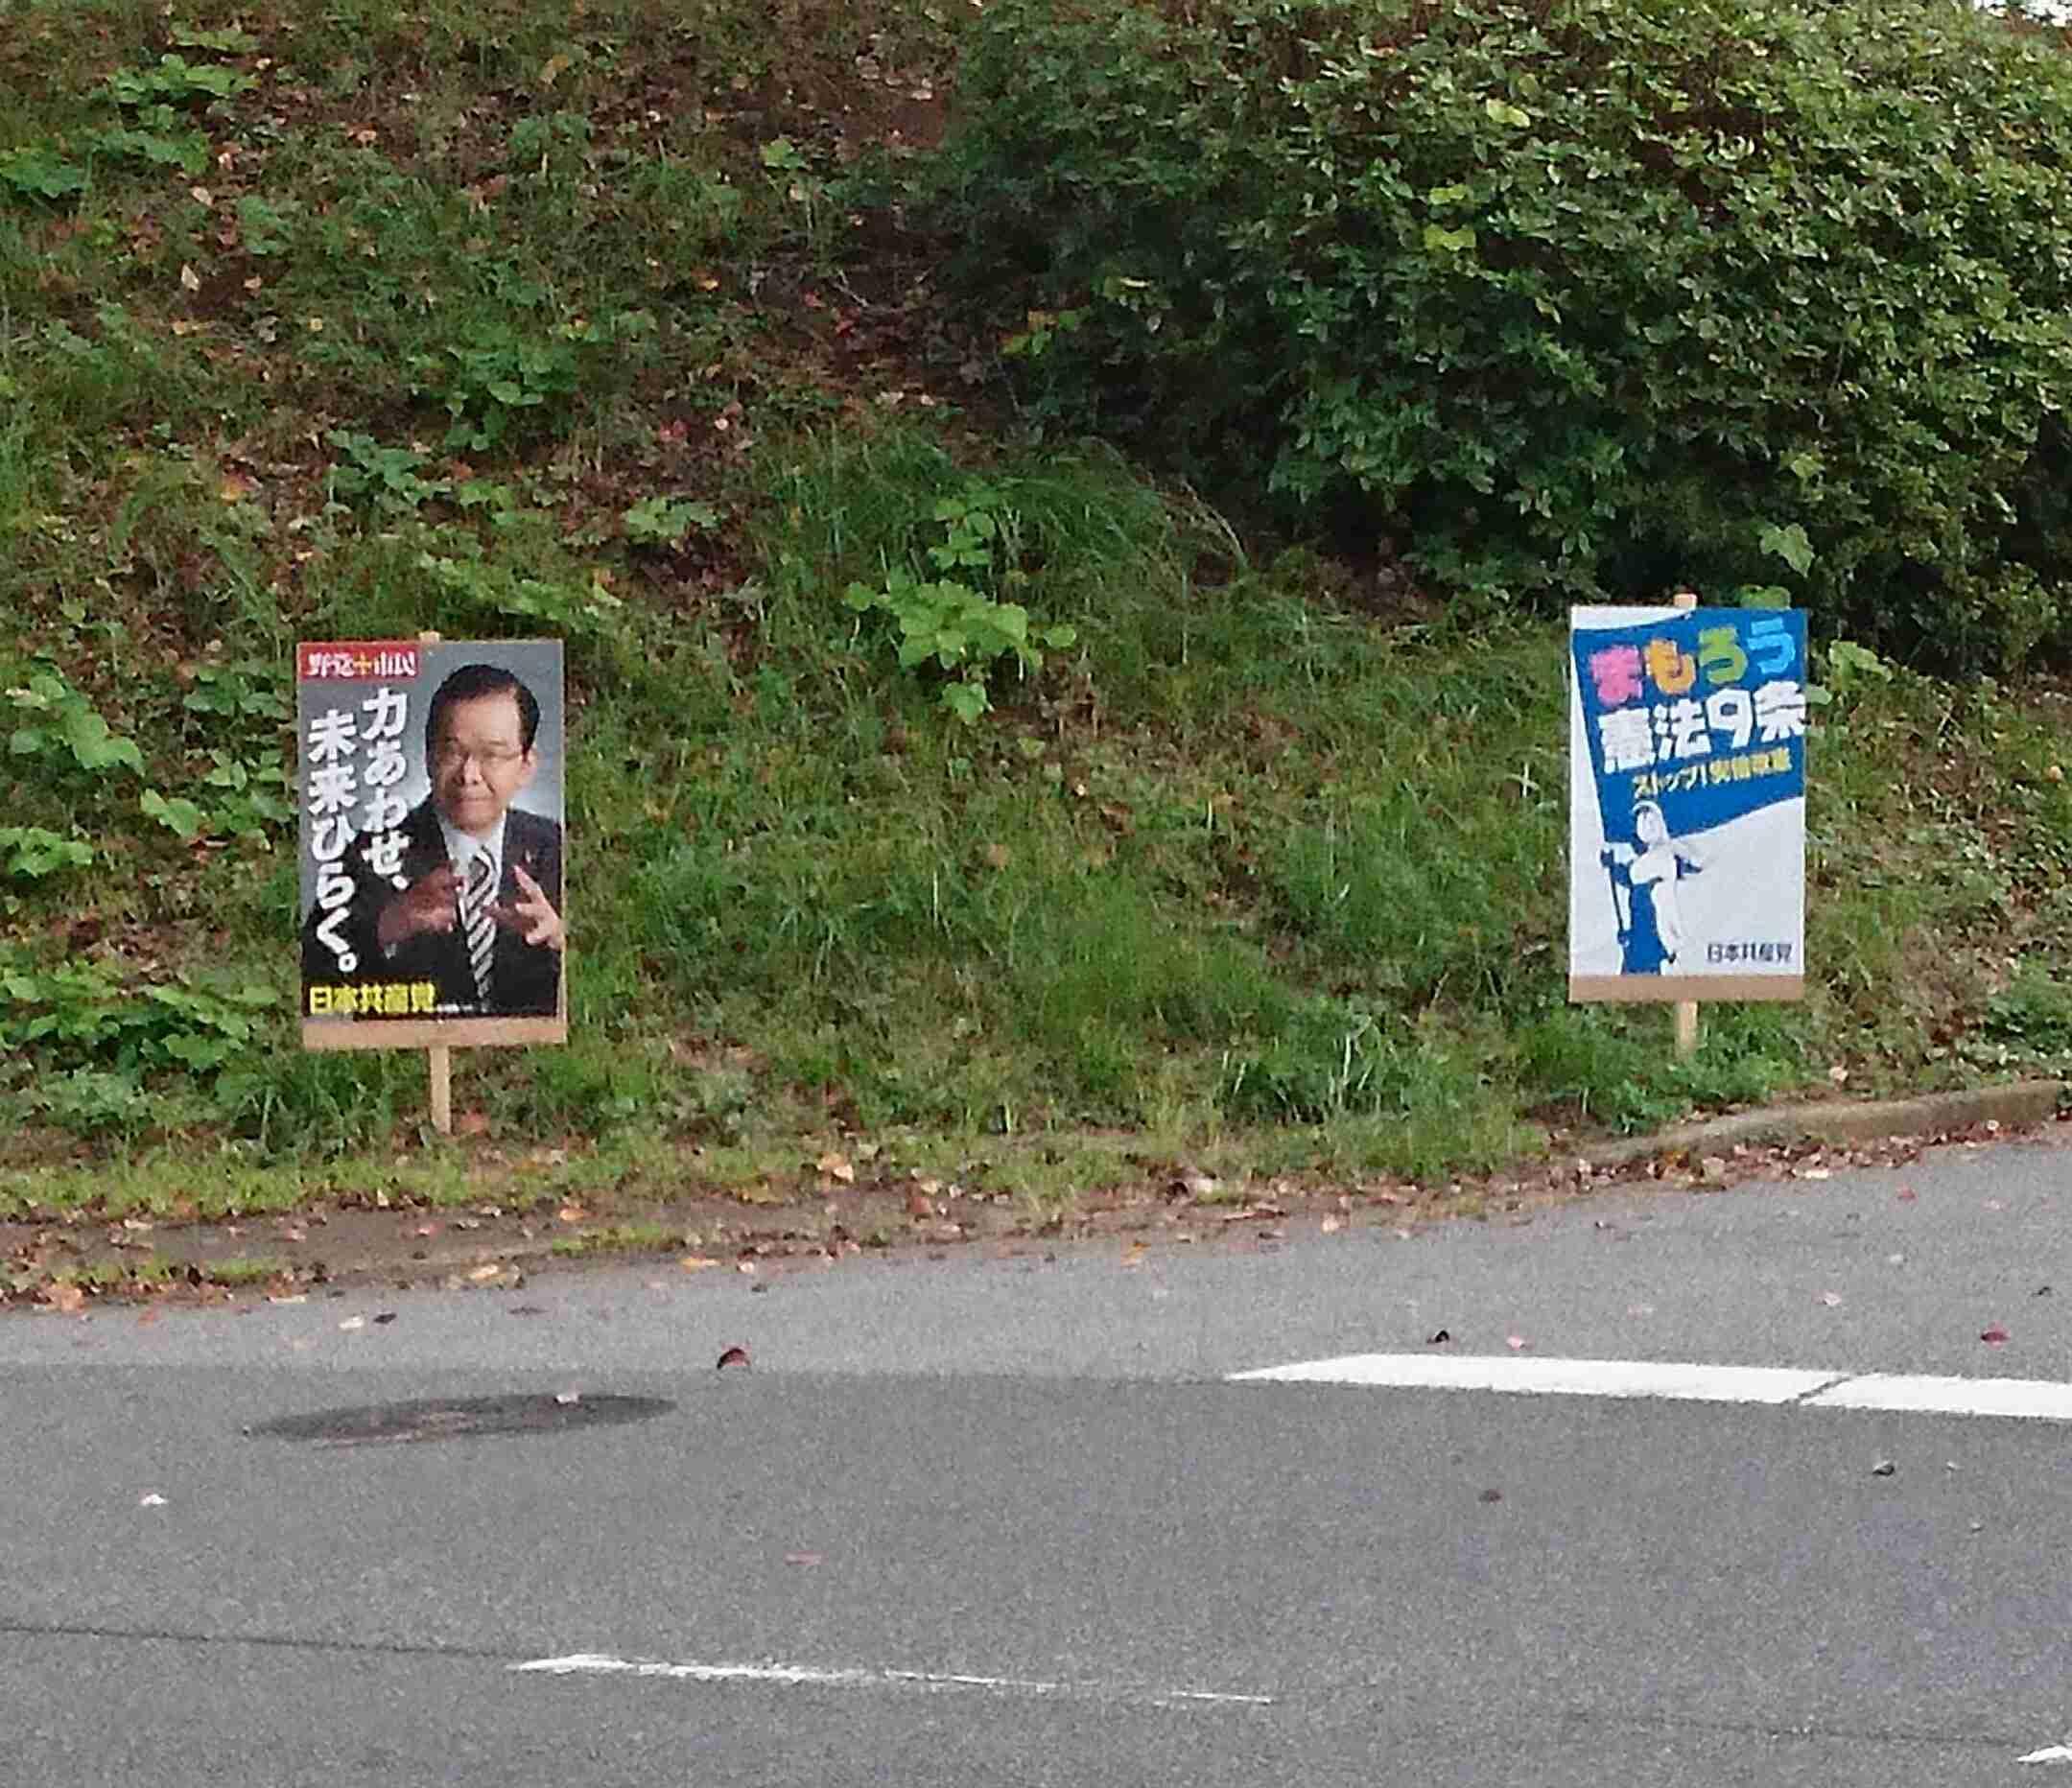 【報ステ炎上】 小川彩佳「国連の演説、逆に危機を煽っているのでは?」→安倍総理「危機を作っているのは北朝鮮」